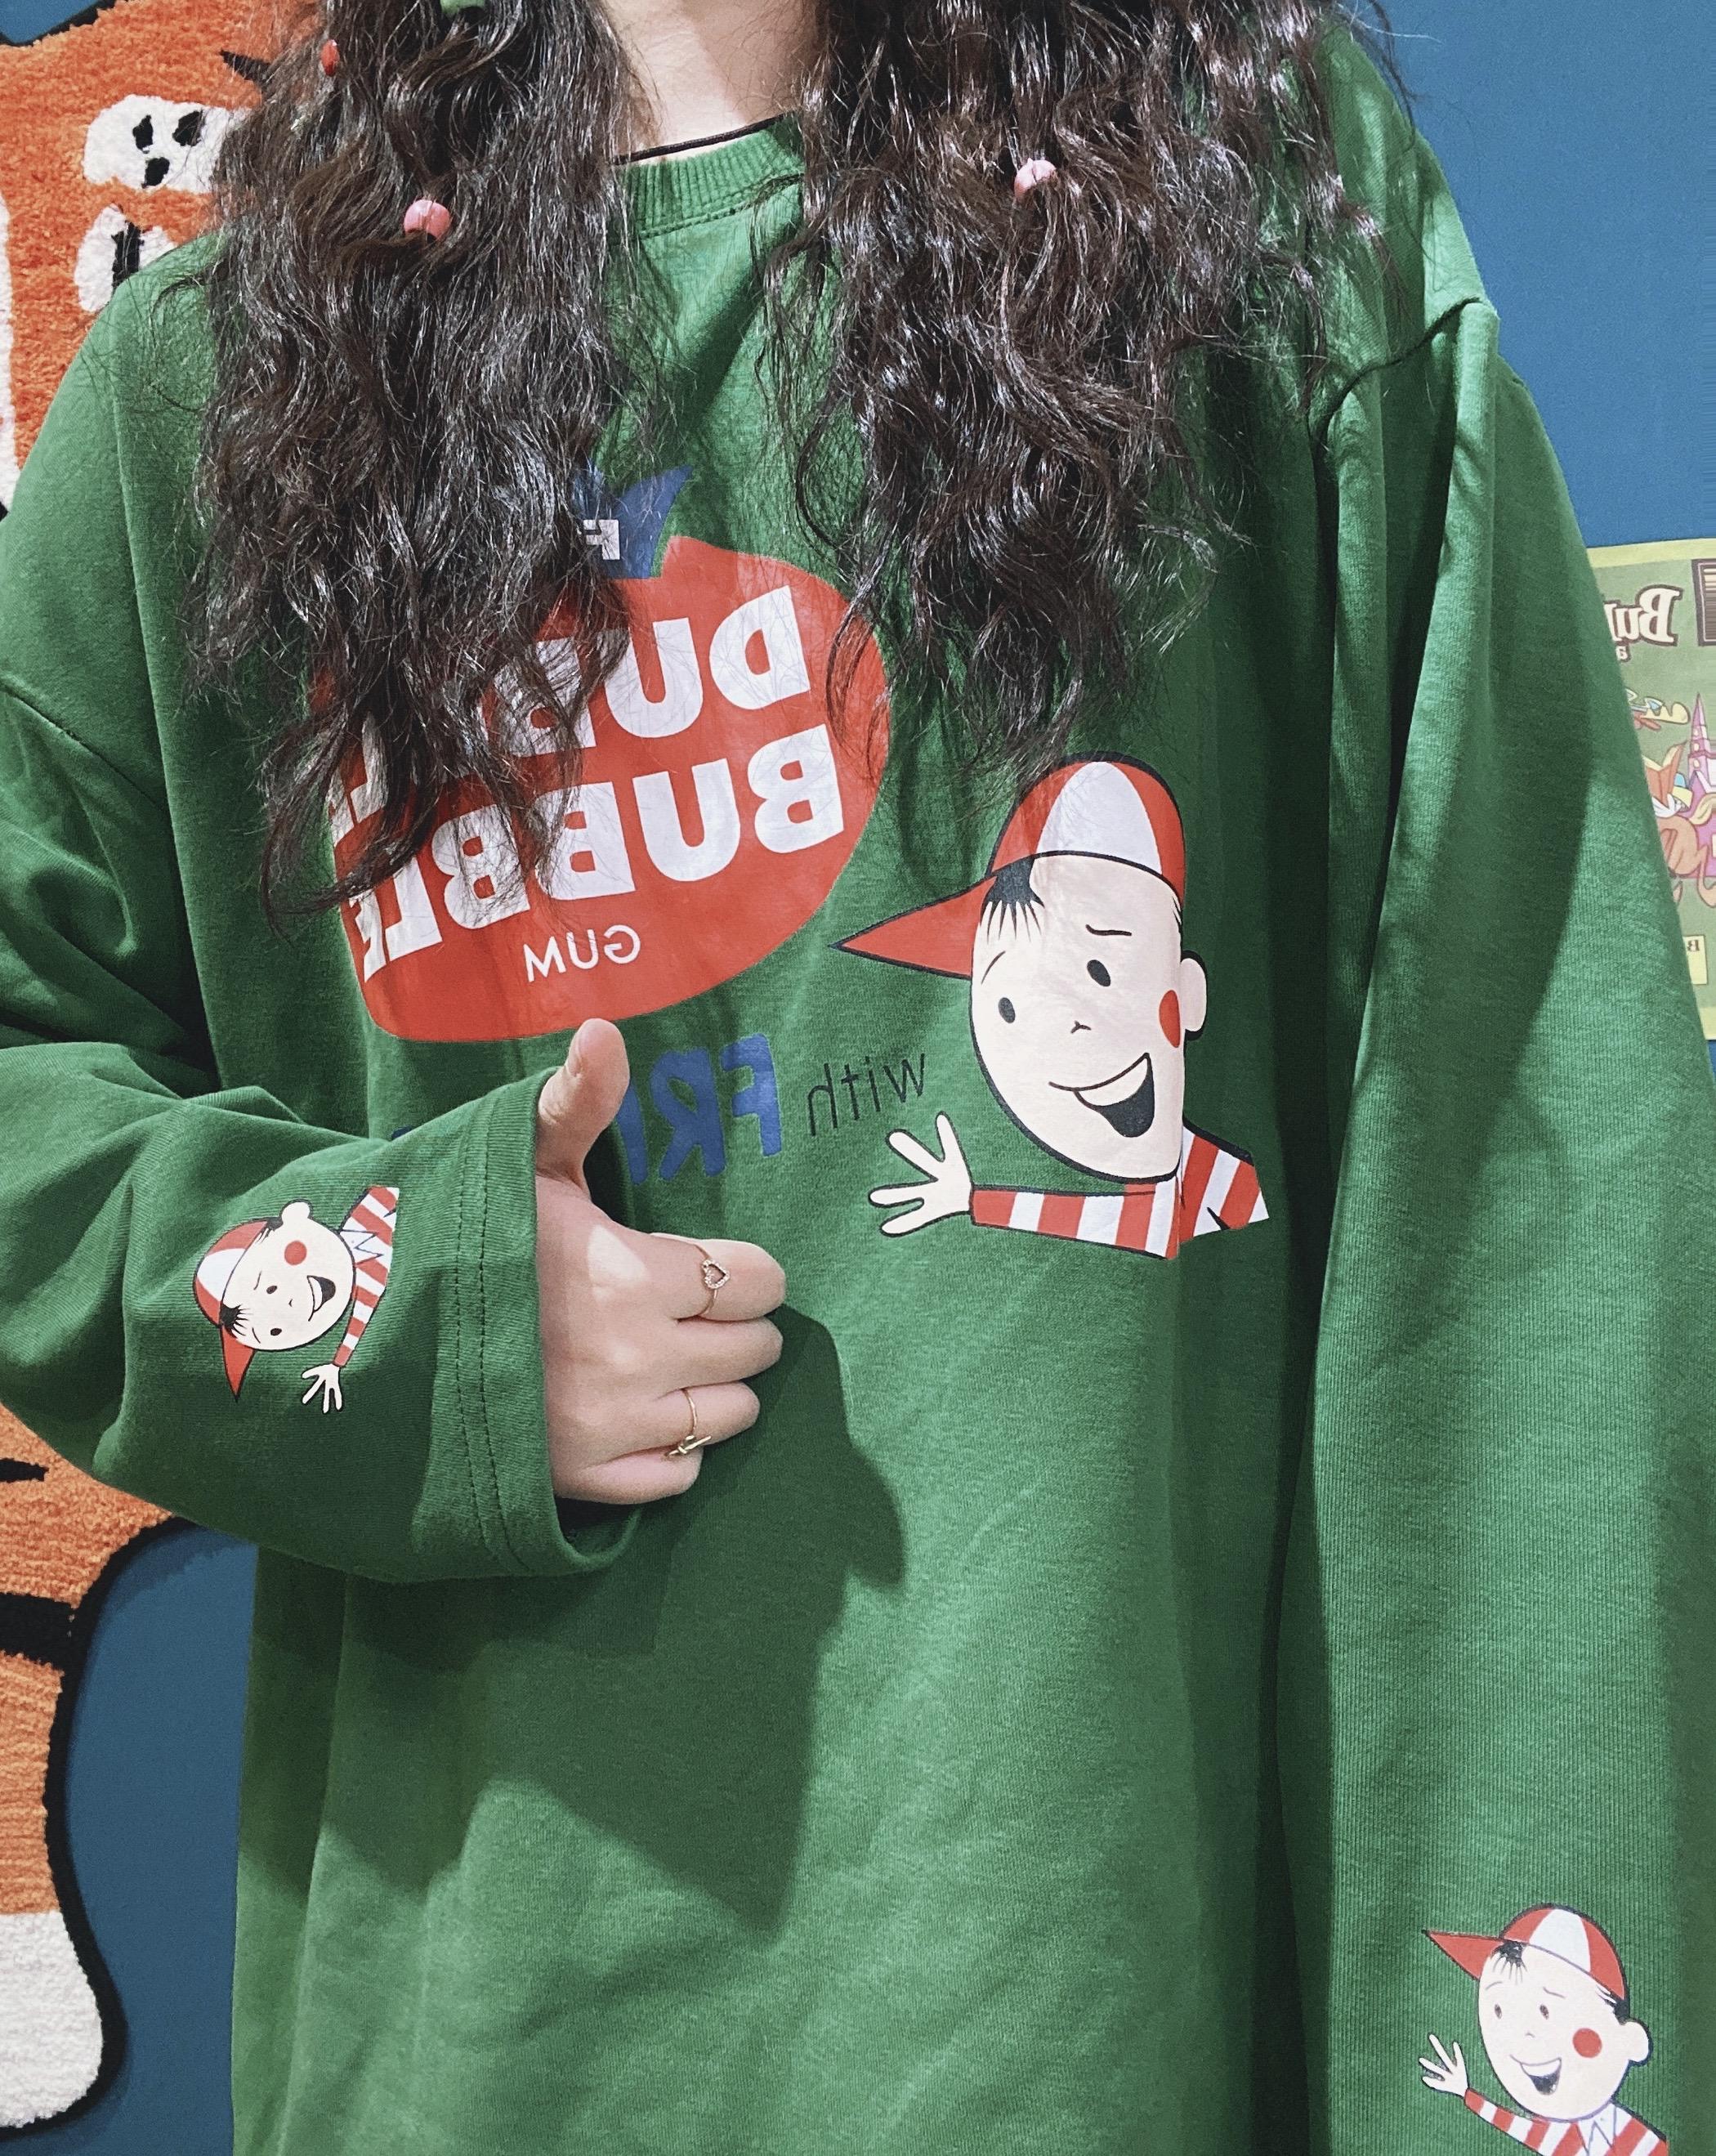 绿色卫衣 童趣古着绿色卫衣女春秋季新款宽松慵懒bf风圆领薄款上衣卡通长袖_推荐淘宝好看的绿色卫衣